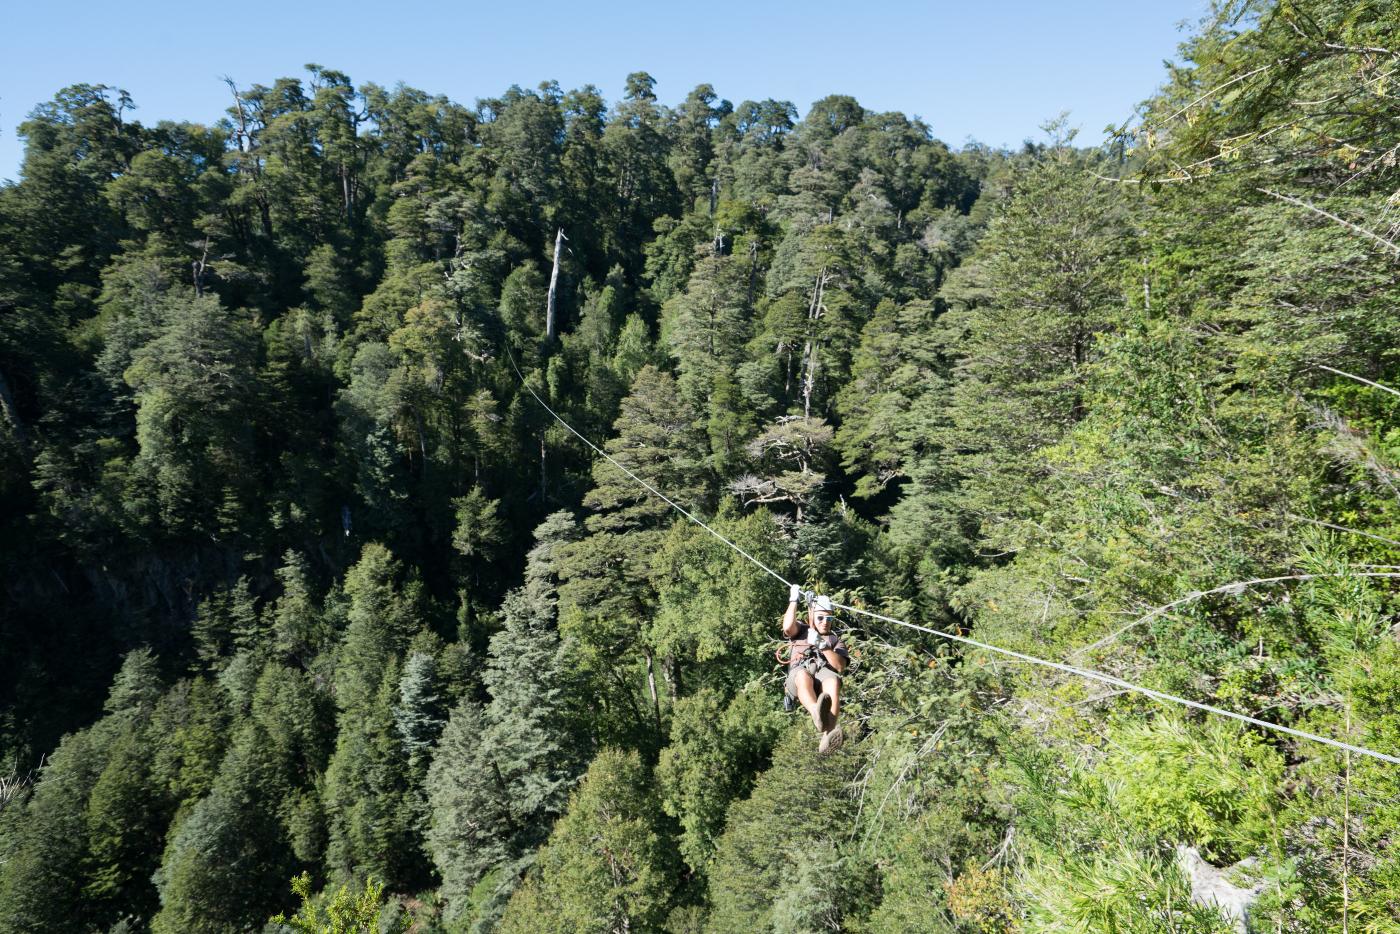 Imagen de un turista haciendo canopy